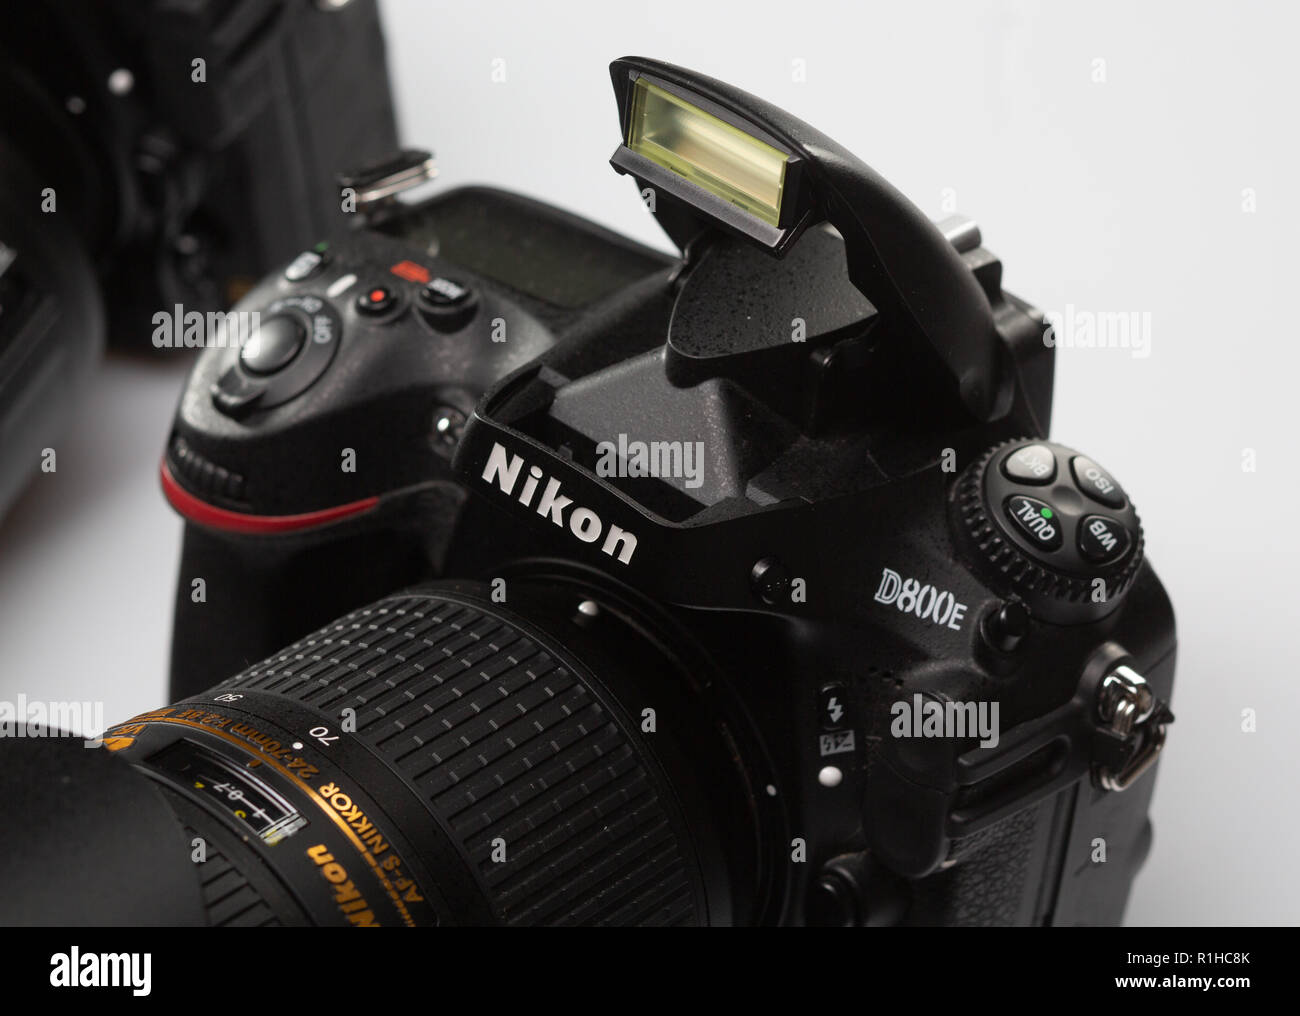 SAINT-PETERSBURG, RUSSIA - APRIL 27, 2018: Nikon D800E SLR Camera - Stock Image